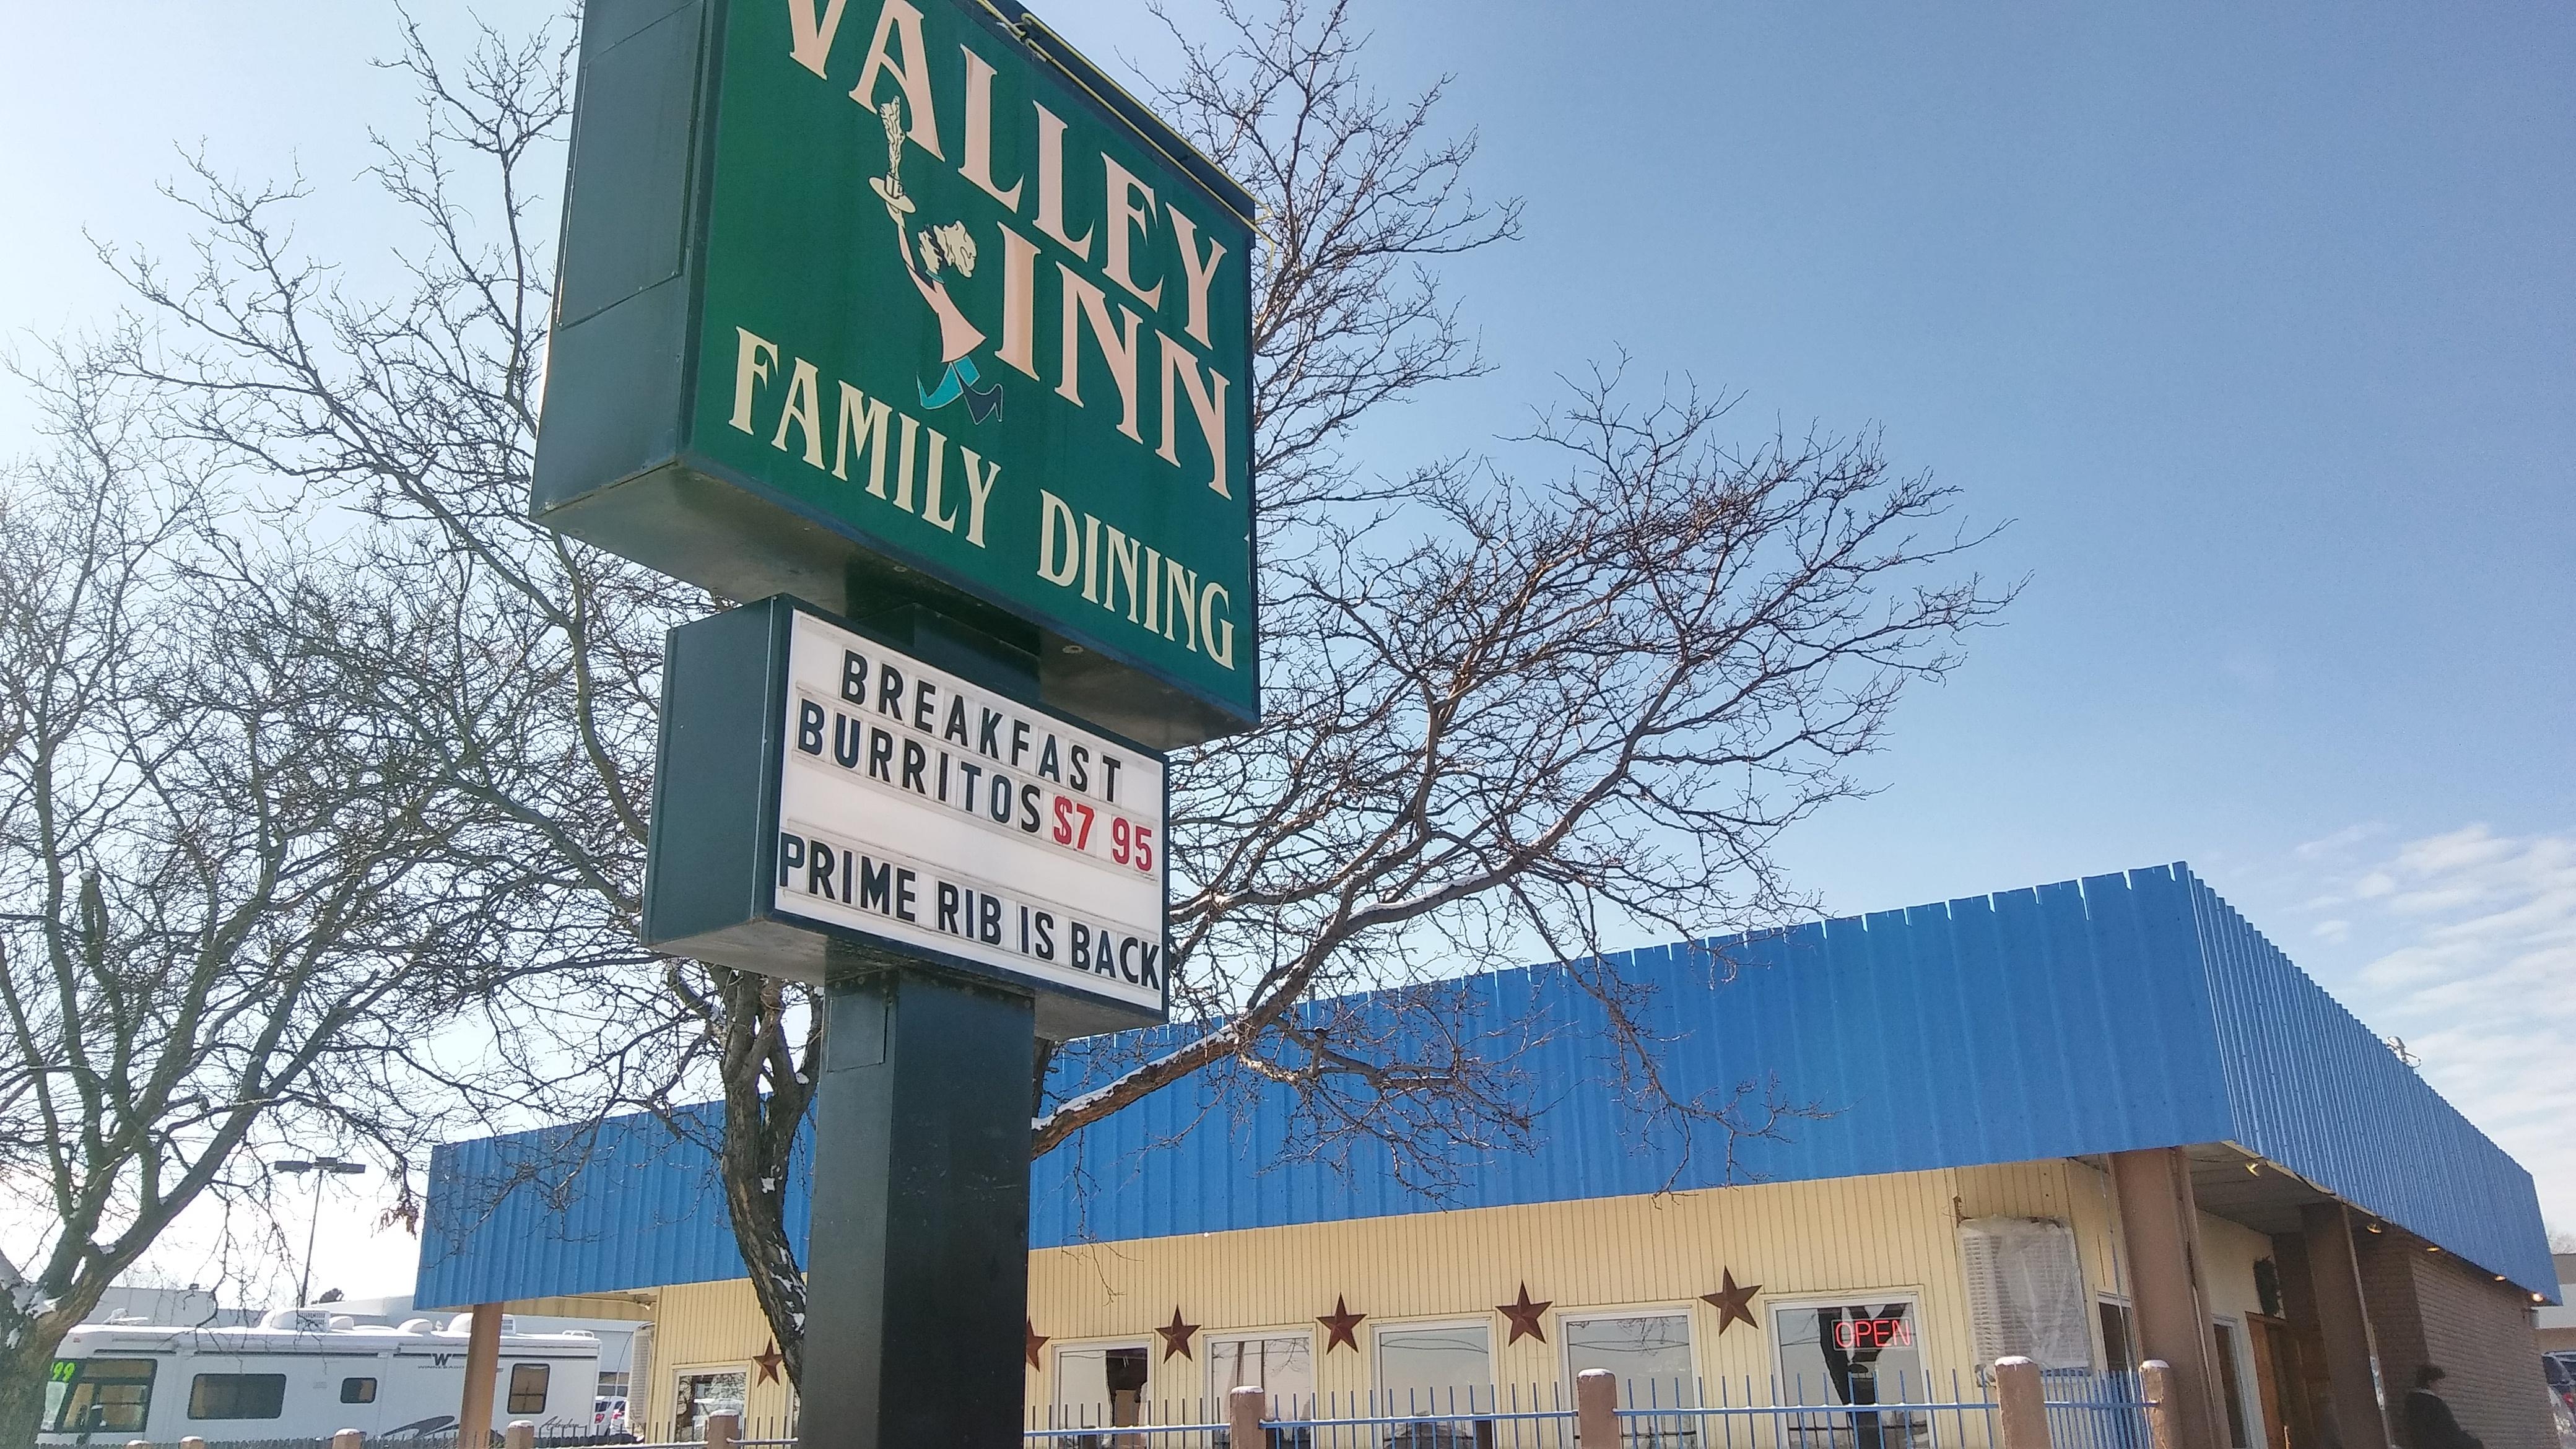 Valley Inn Restaurant